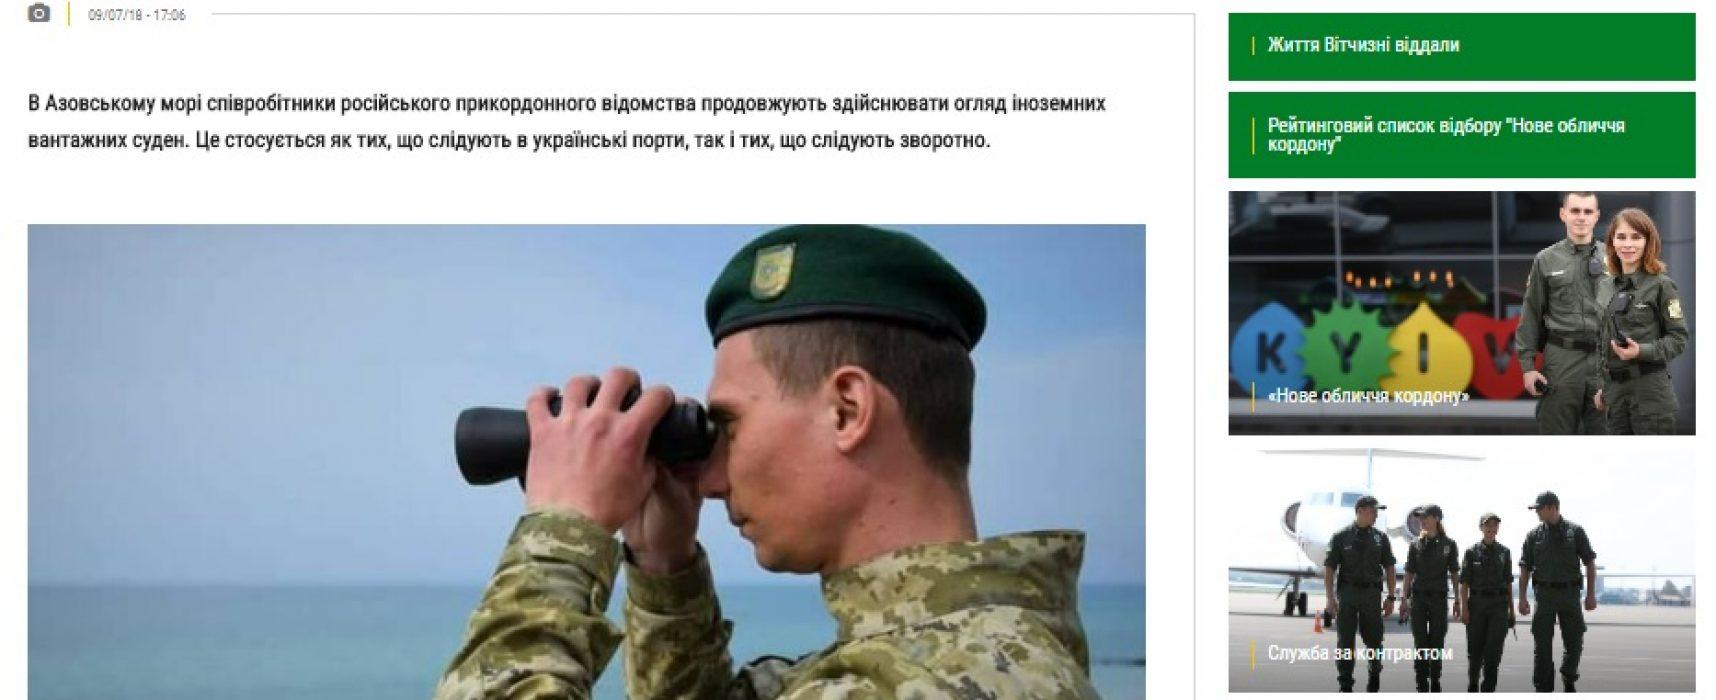 Как используют ситуацию в Азовском море российские СМИ